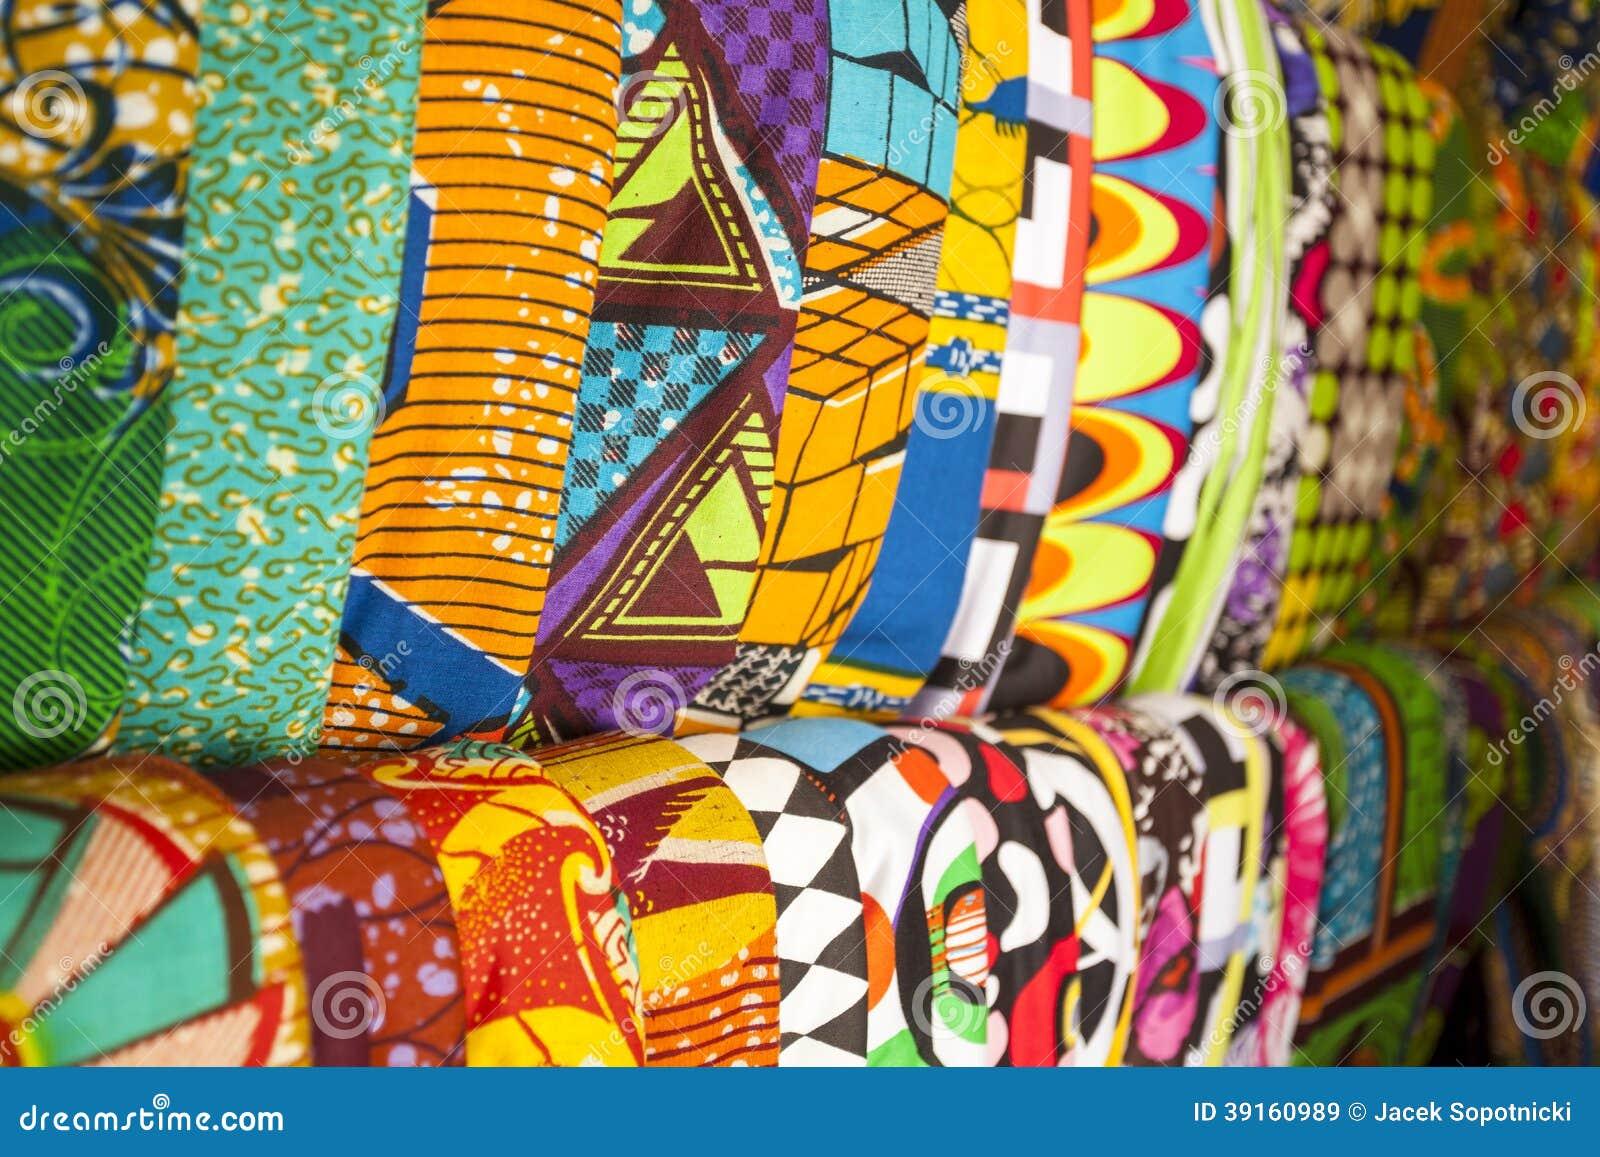 Afrikaanse Stoffen Van Ghana West Afrika Stock Afbeelding